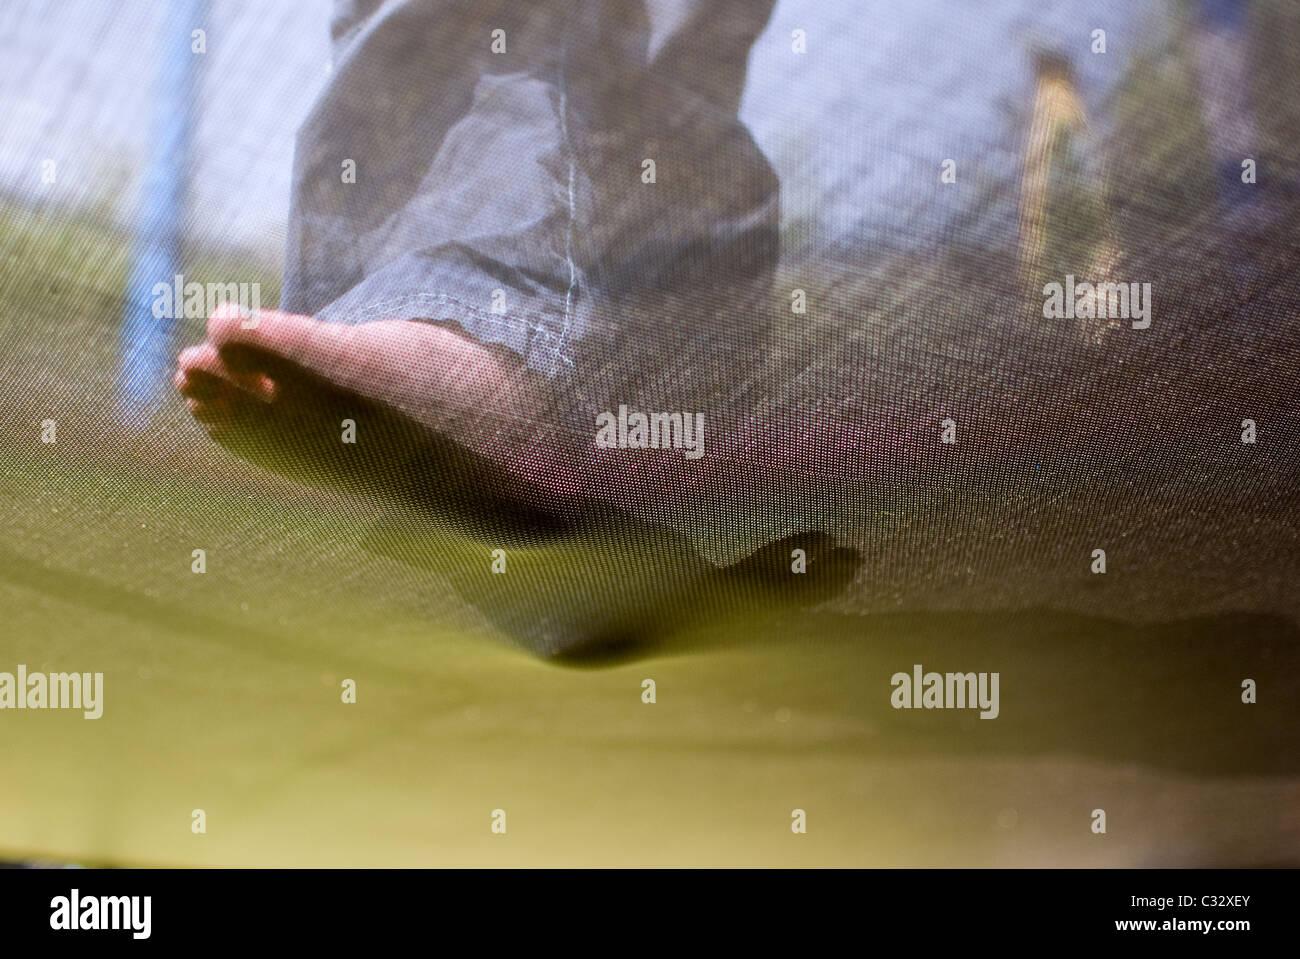 Unterhalb der Füße auf Trampolin, Fuß, Füße, Fuß, Seezunge, Schritt, abstrakt, Trampolin, Stockbild